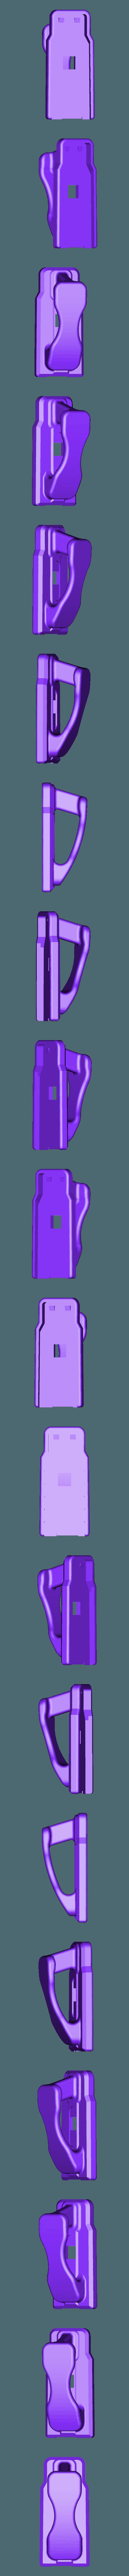 2.Rallado.stl Télécharger fichier STL gratuit Airsoft AK midcap magazines high speed floor plate • Plan imprimable en 3D, Guyim